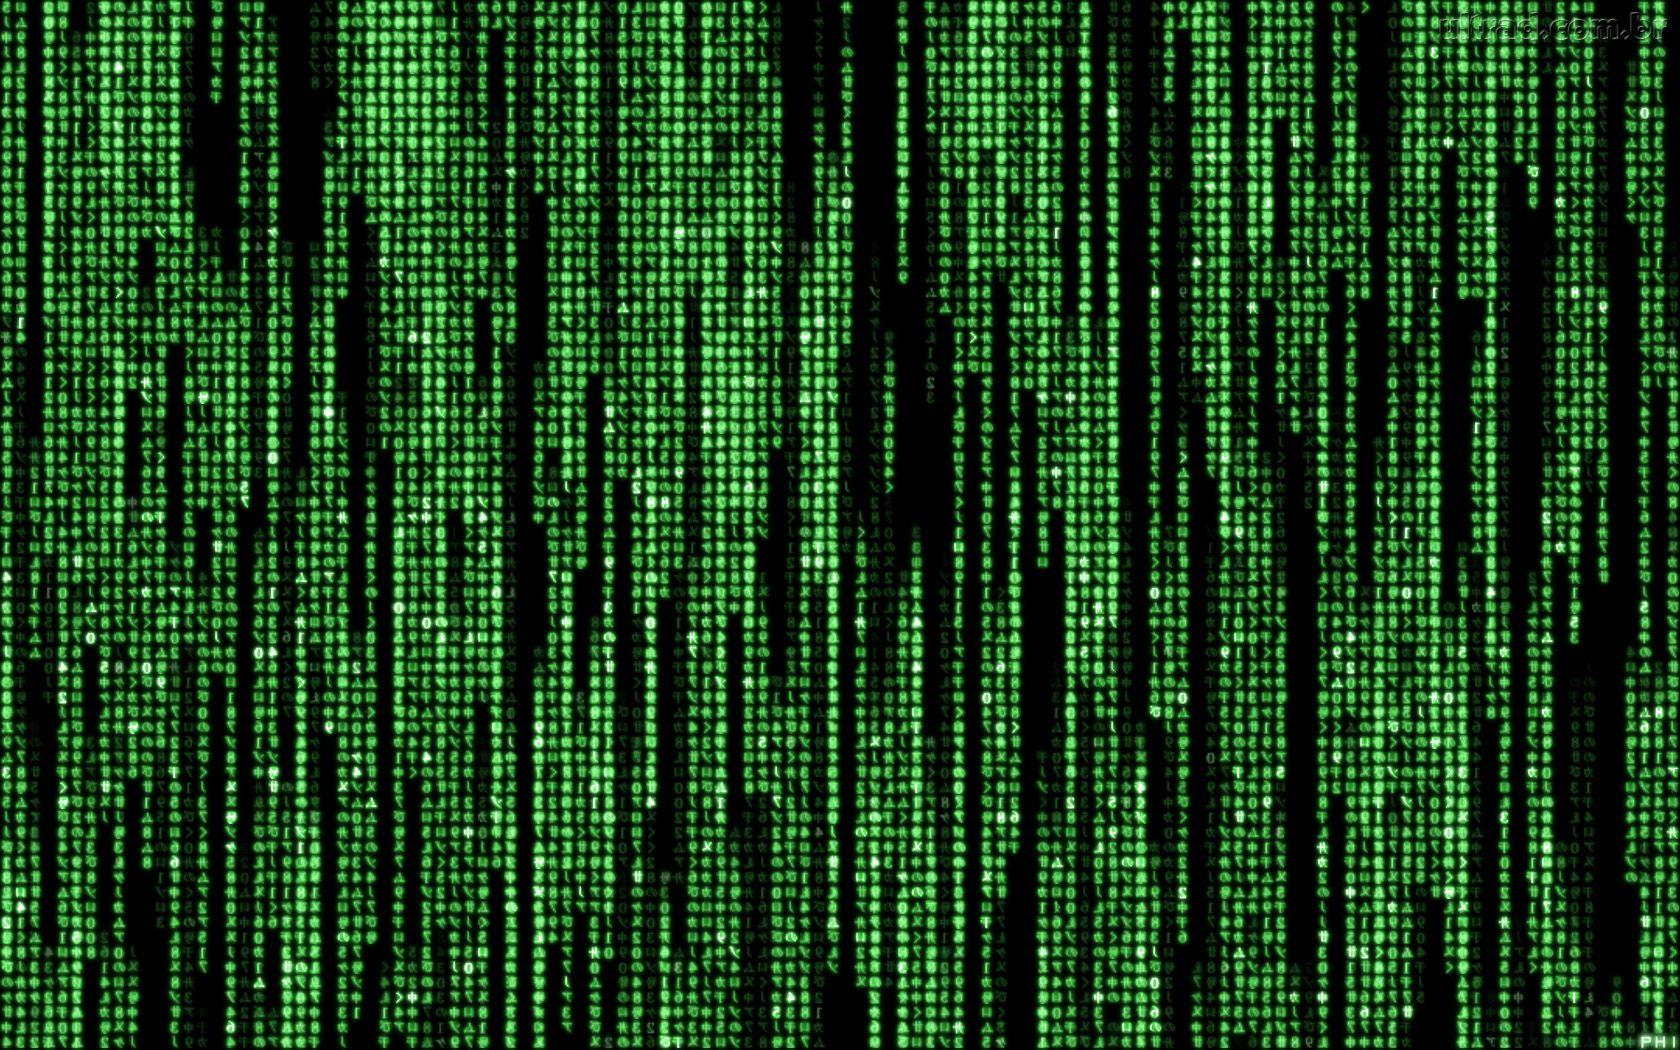 1413474840_Matrix-Wallpapers